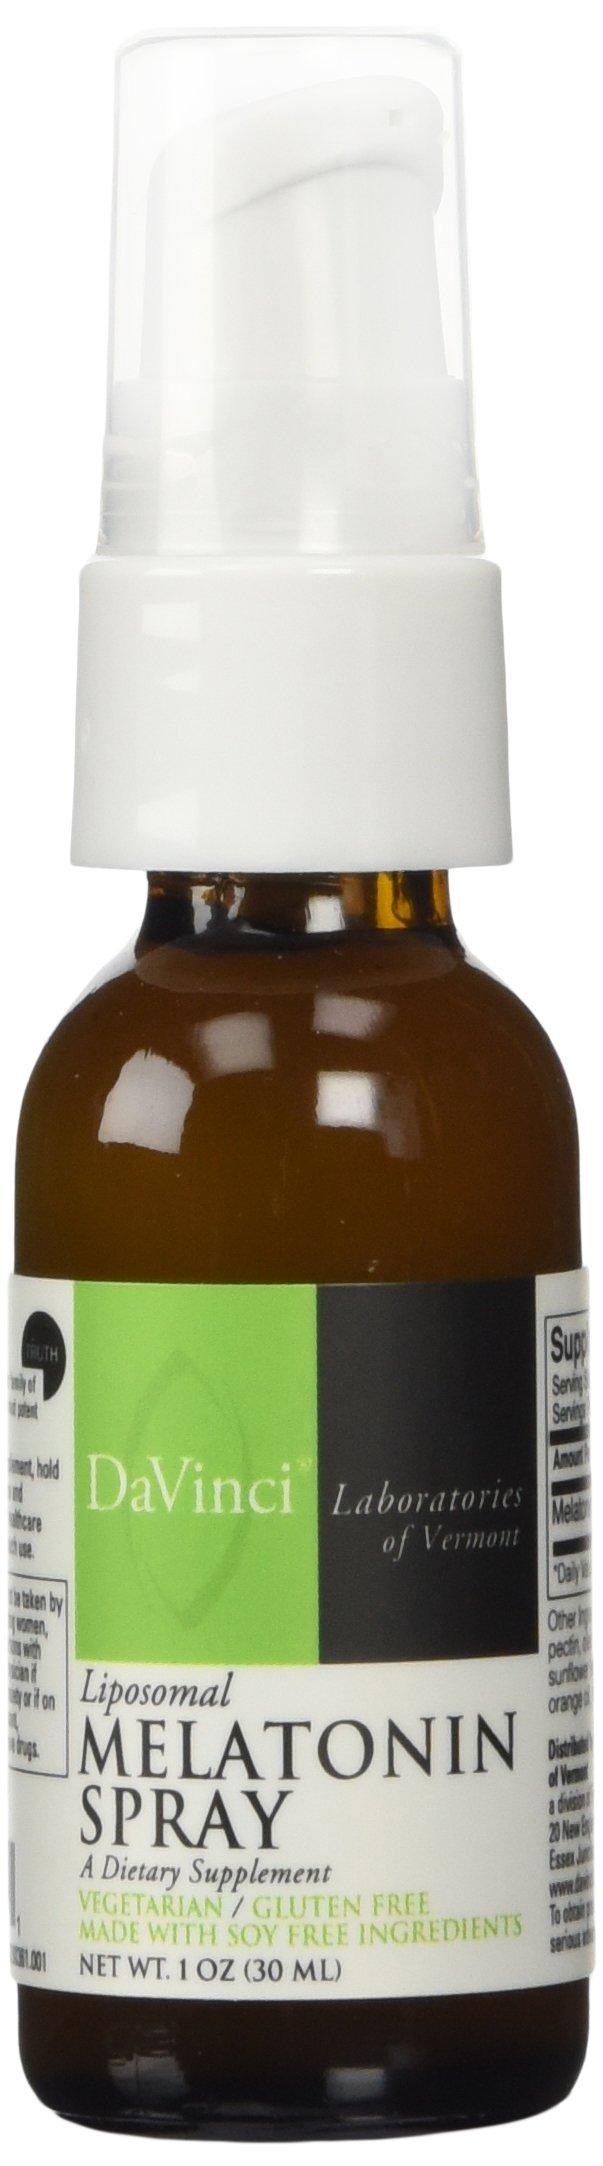 DaVinci Laboratories Liposomal Melatonin Spray -- 1 oz